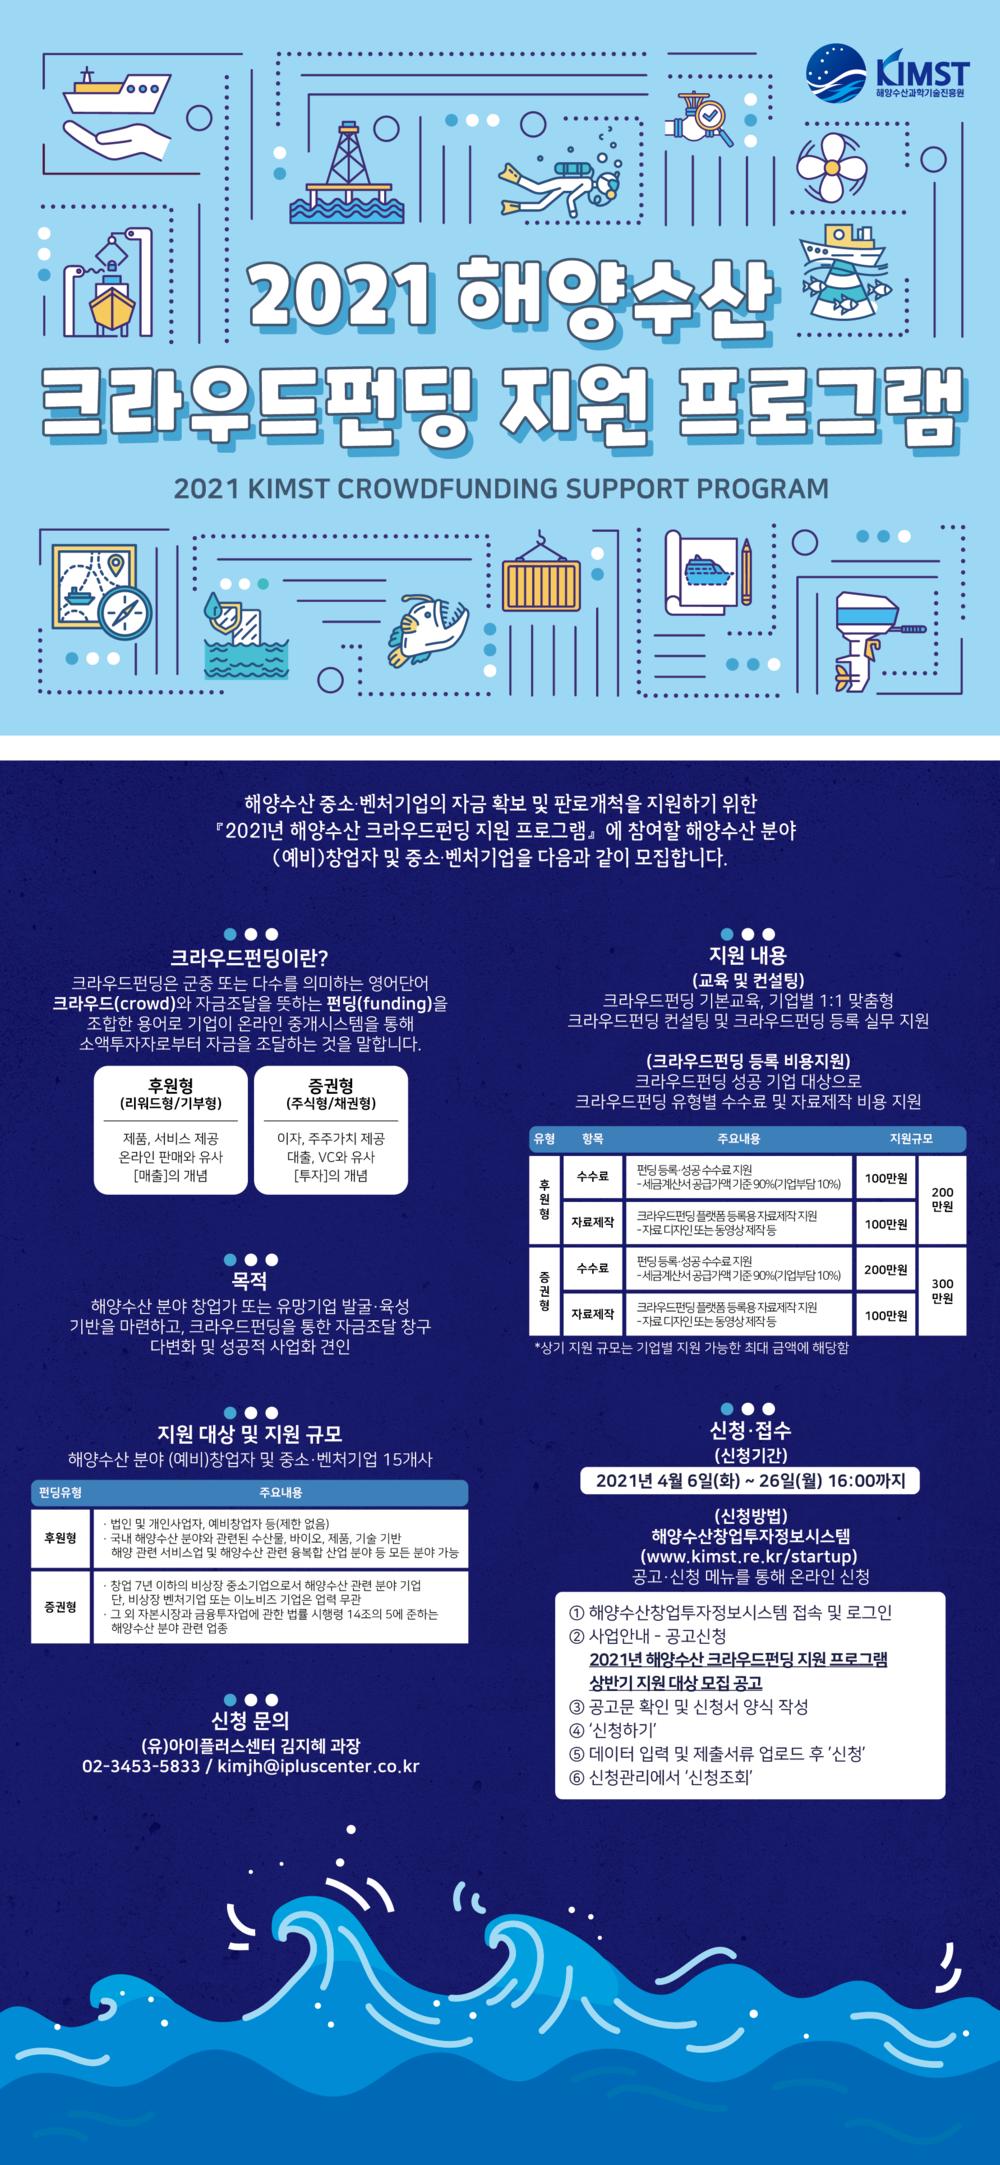 해양수산 크라우드펀딩 지원 프로그램 포스터.png